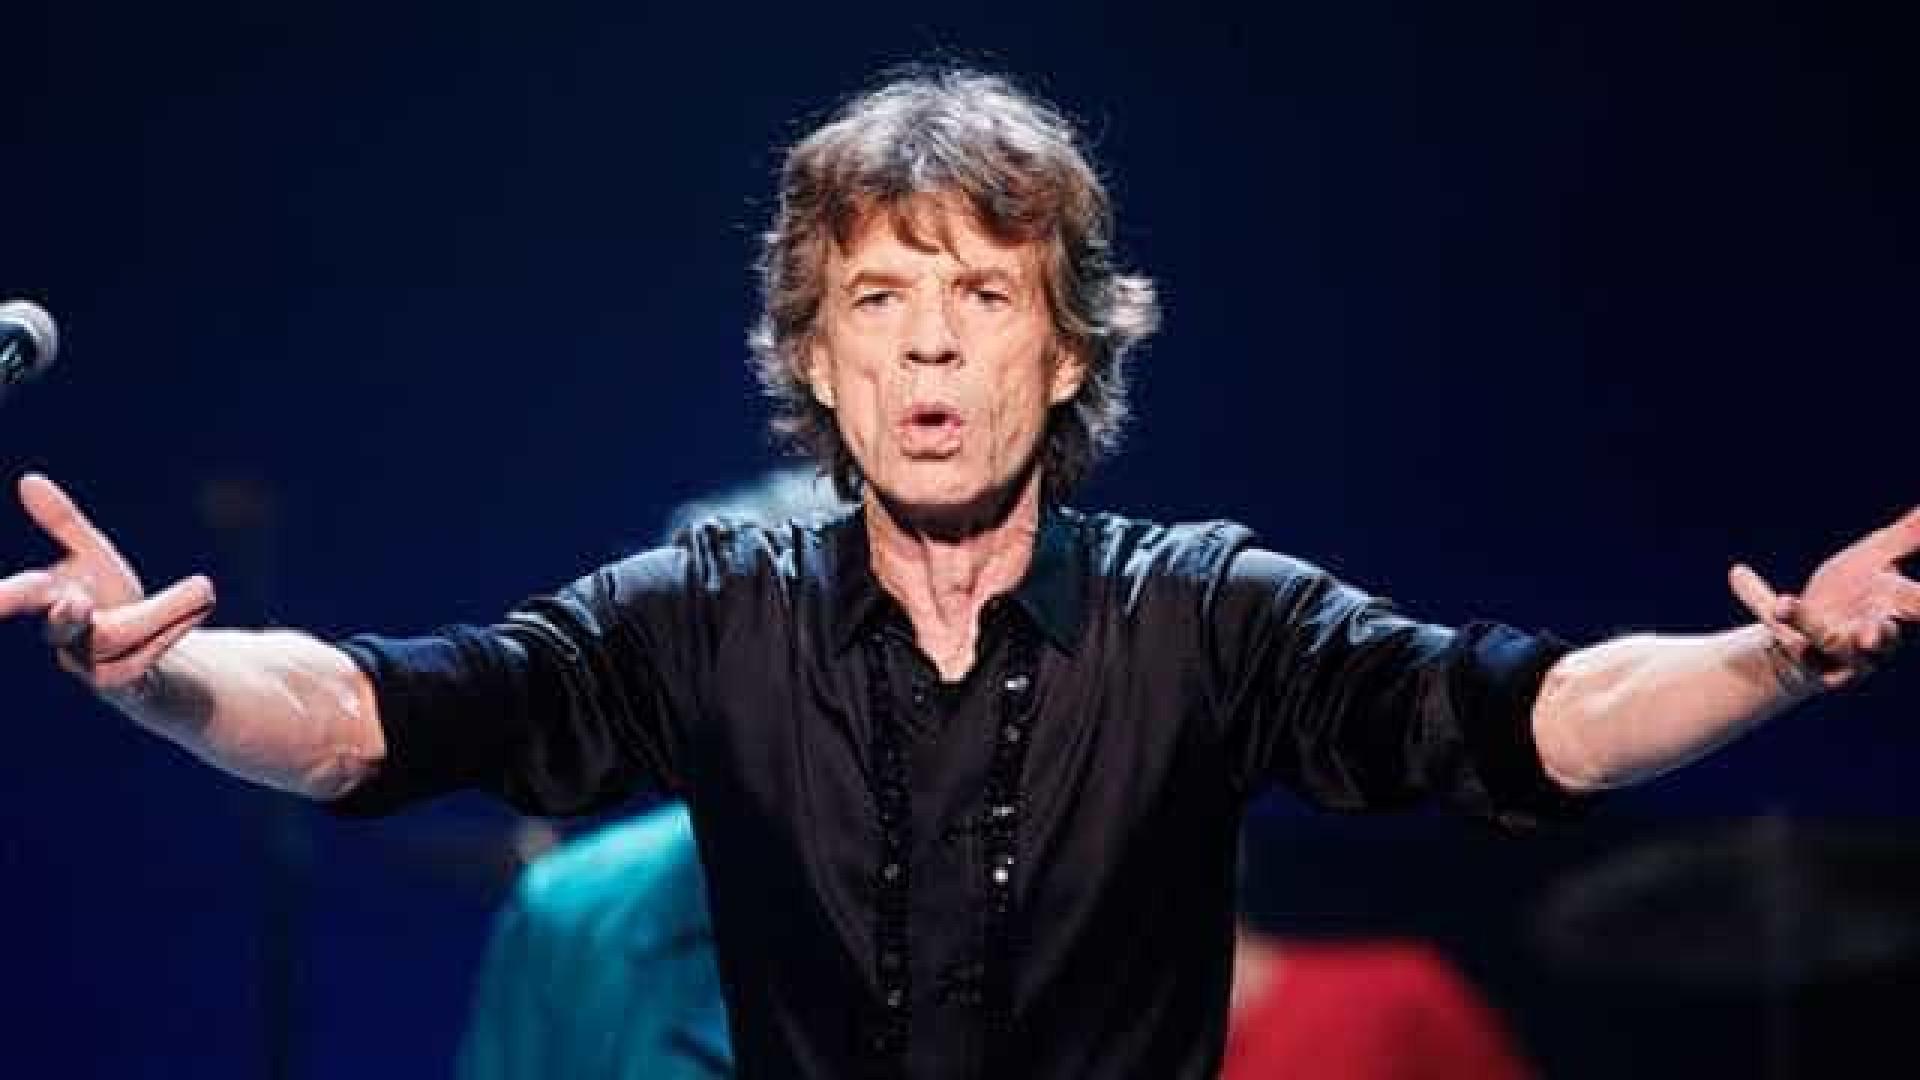 Chamado de pé frio, Mick Jagger chega ao país em meio a caos político